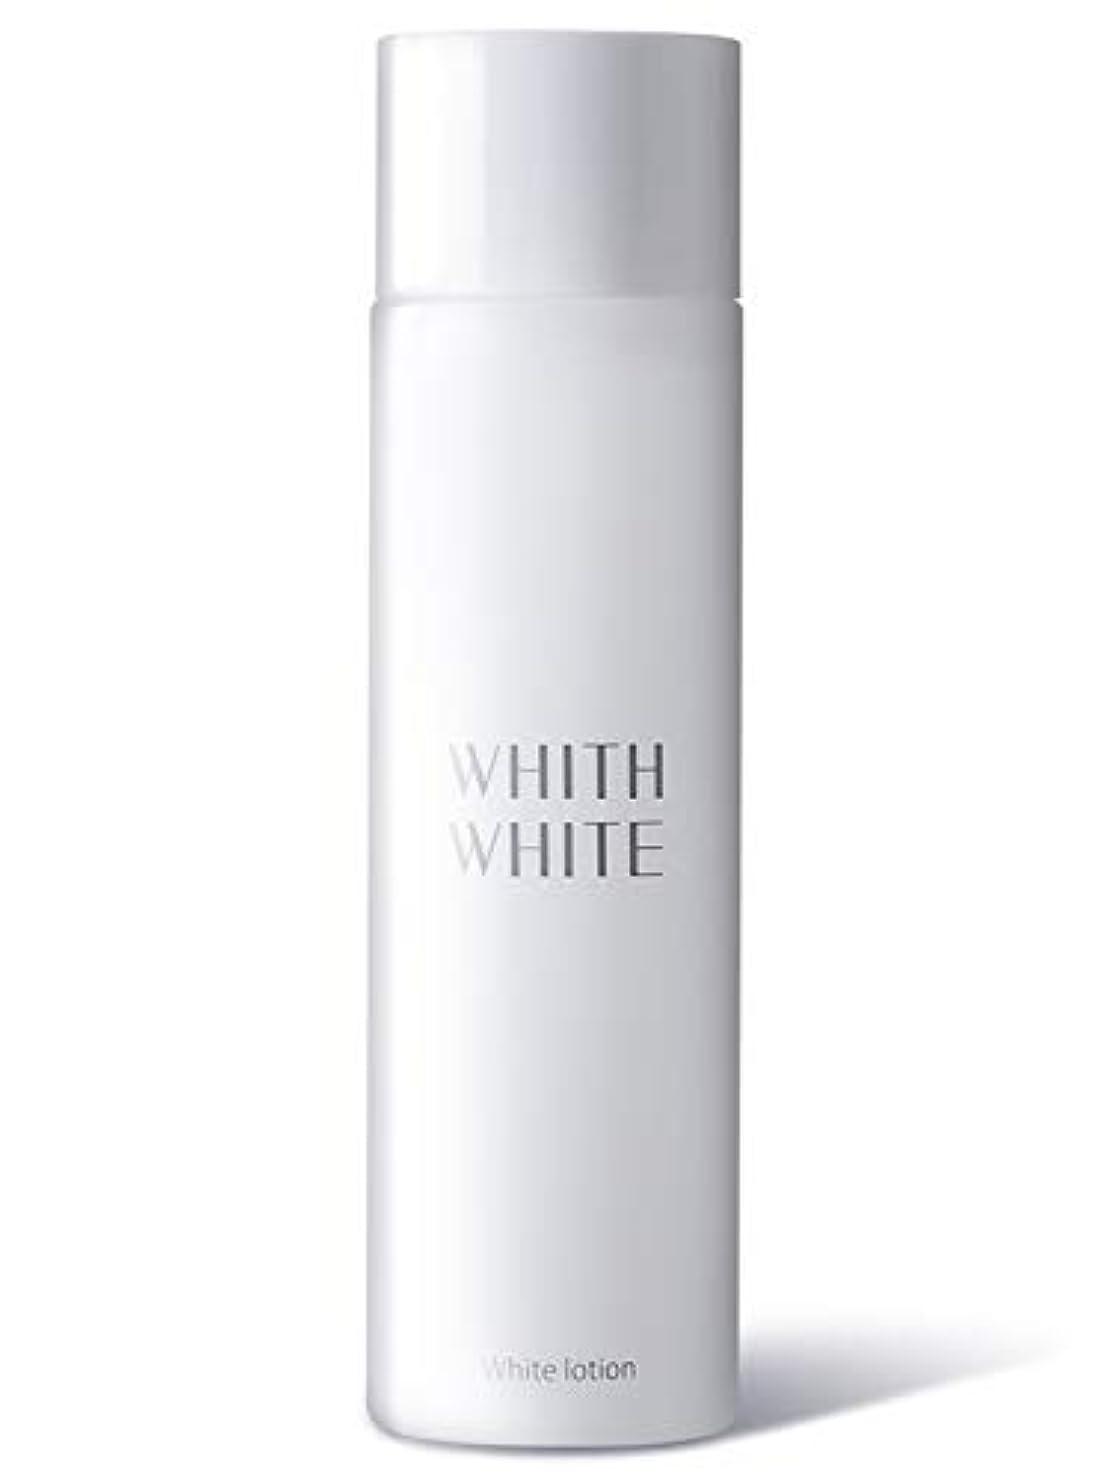 アイデア模索める化粧水 医薬部外品 フィス 美白「 しみ くすみ 用」「 プラセンタ + コラーゲン 配合」200ml